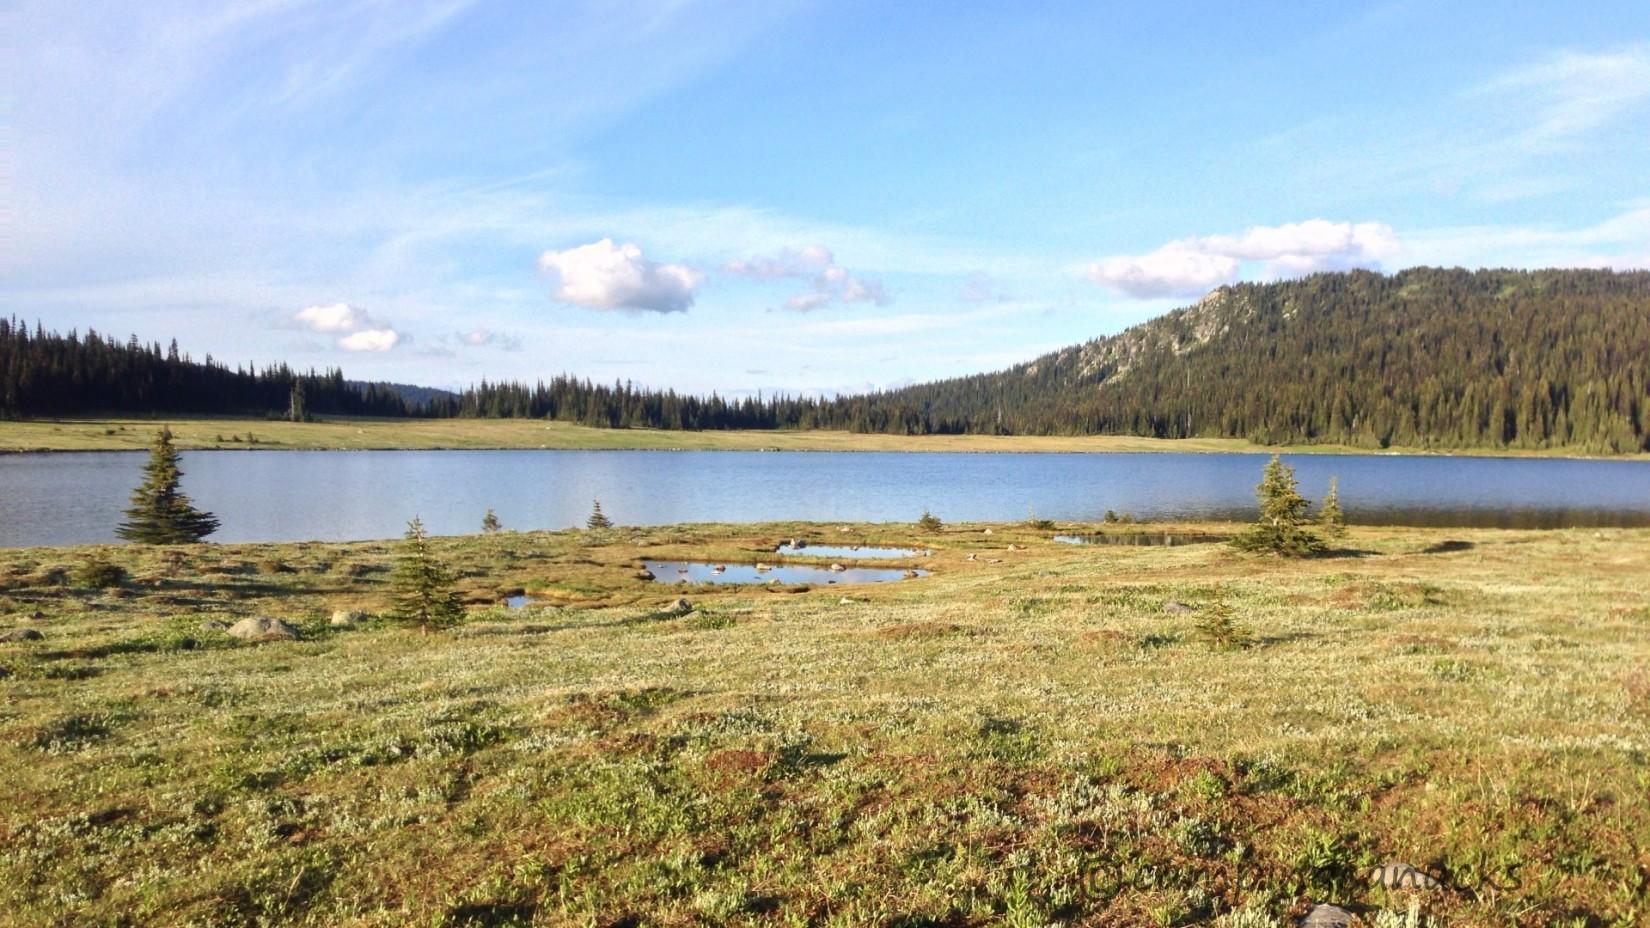 Fight Lake